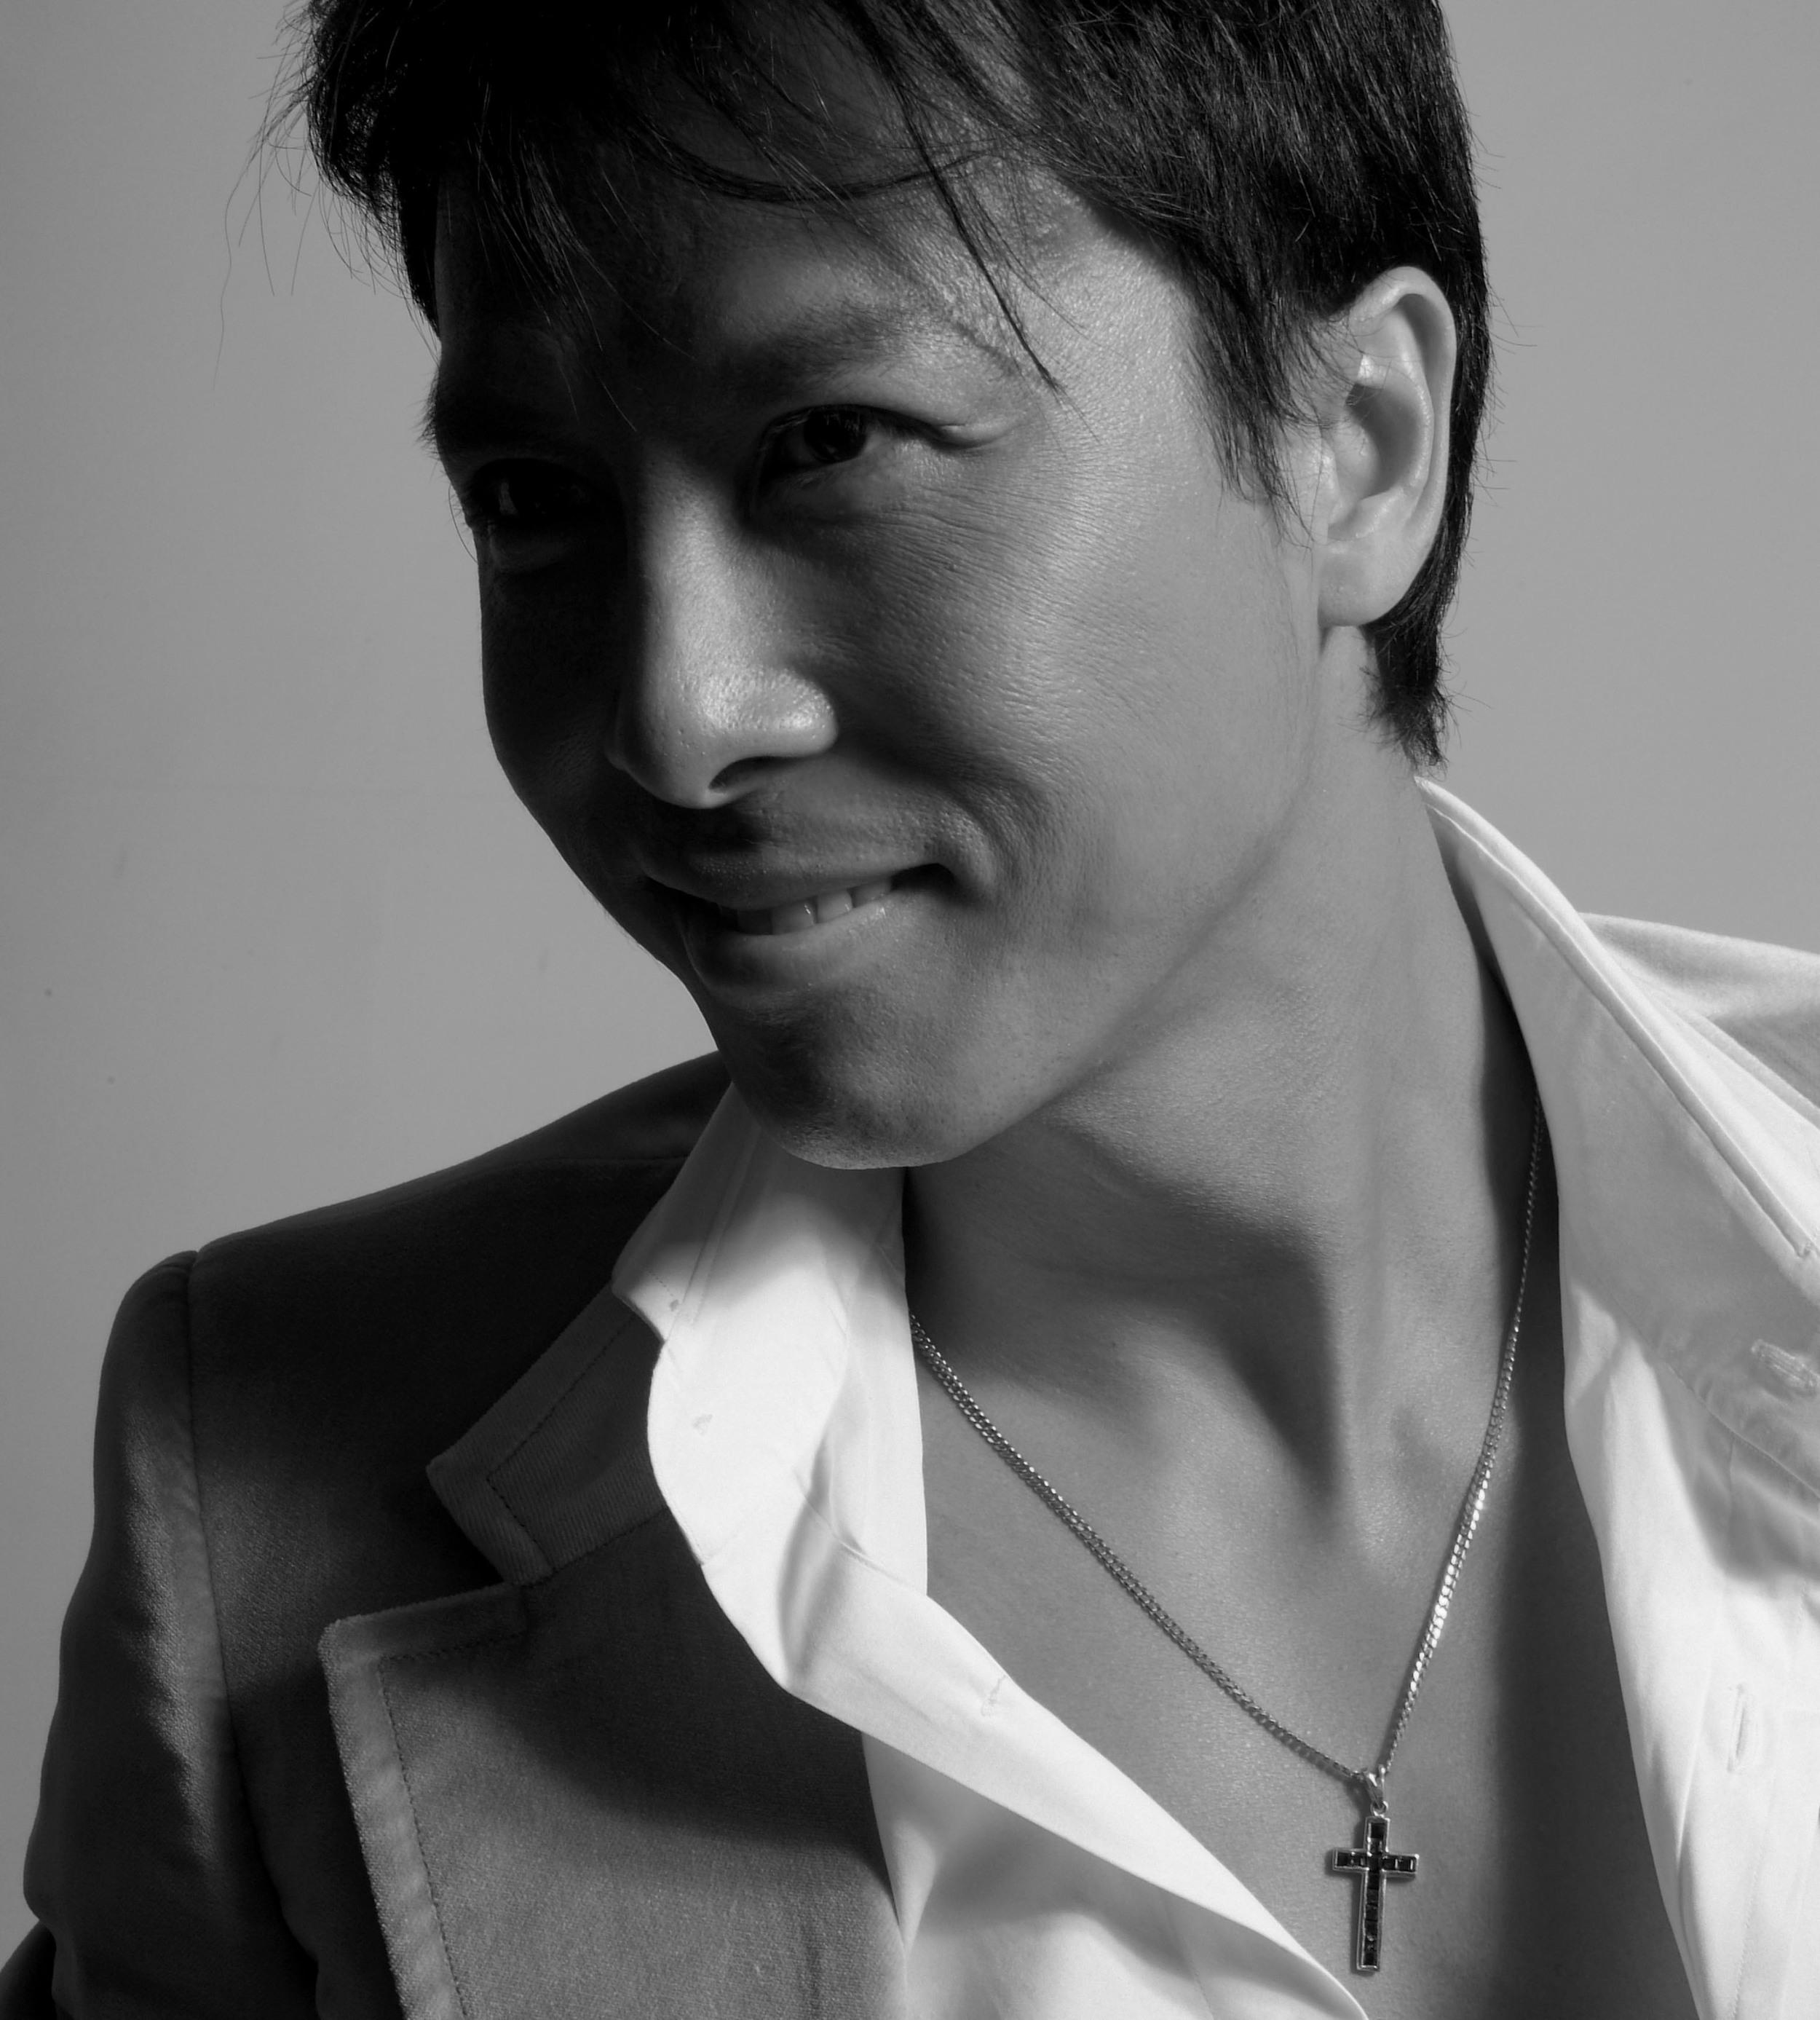 Donnie Yen 甄子丹